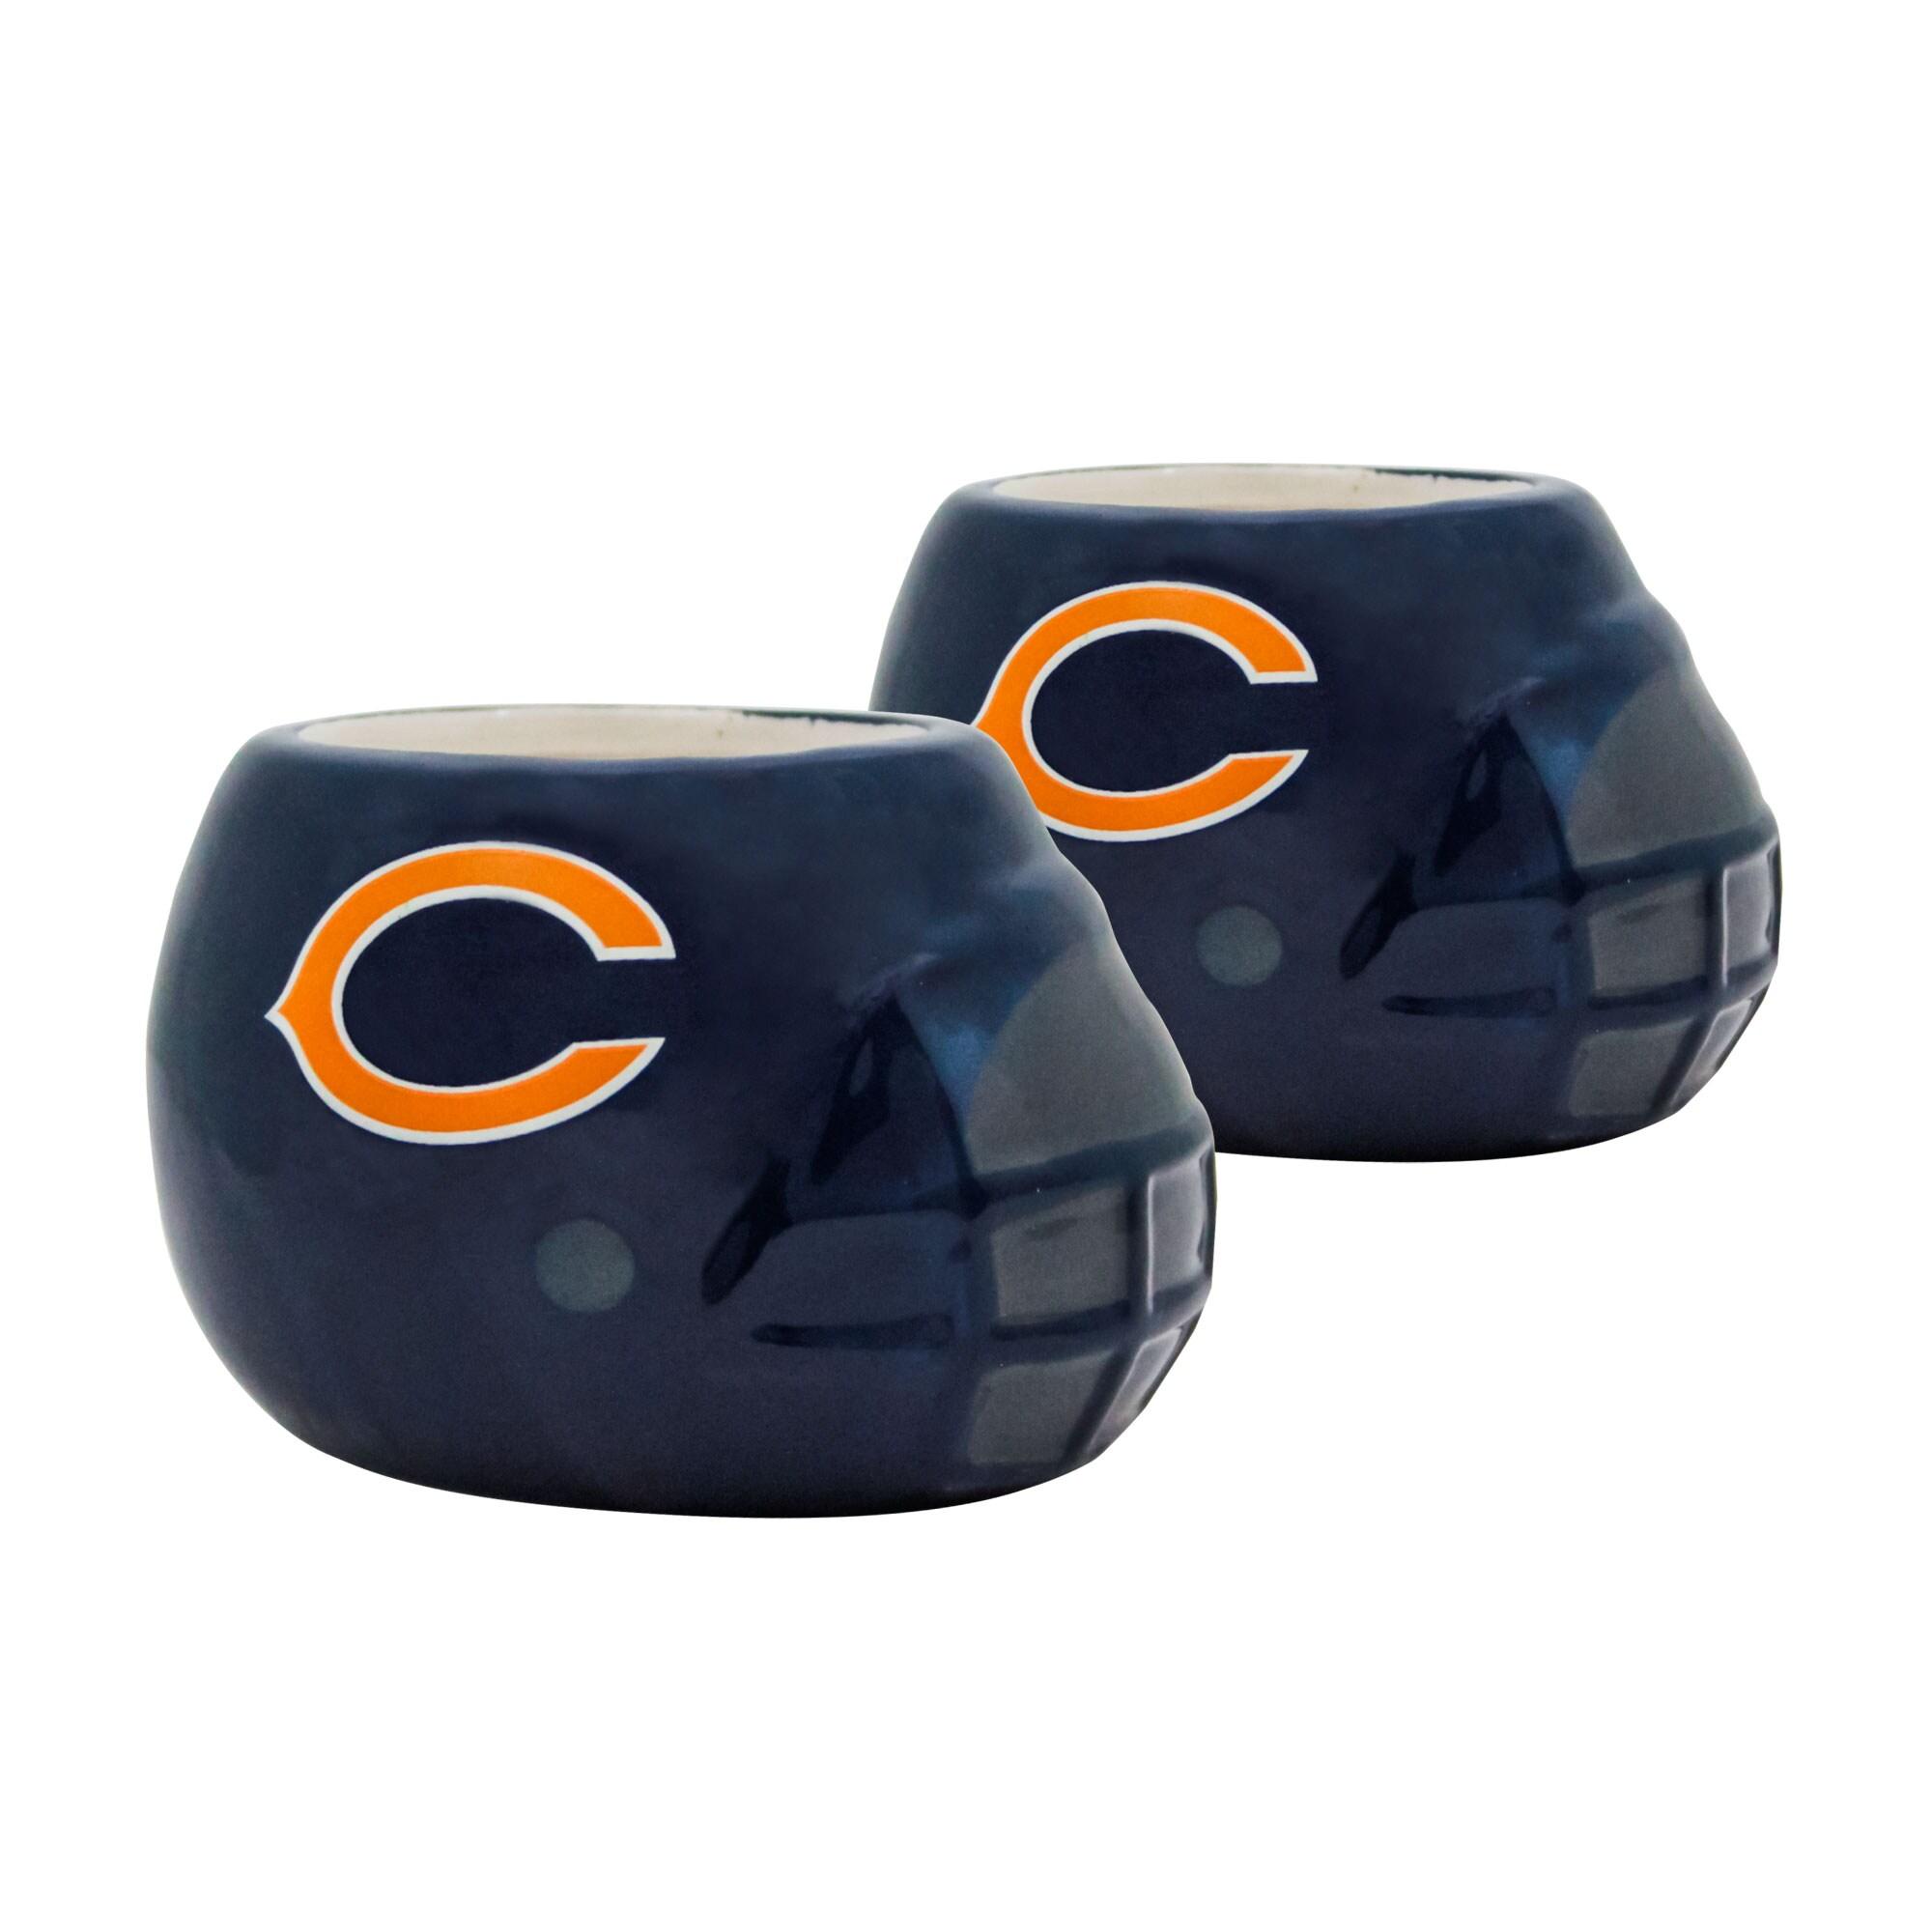 Chicago Bears 2-Piece Ceramic Helmet Planter Set